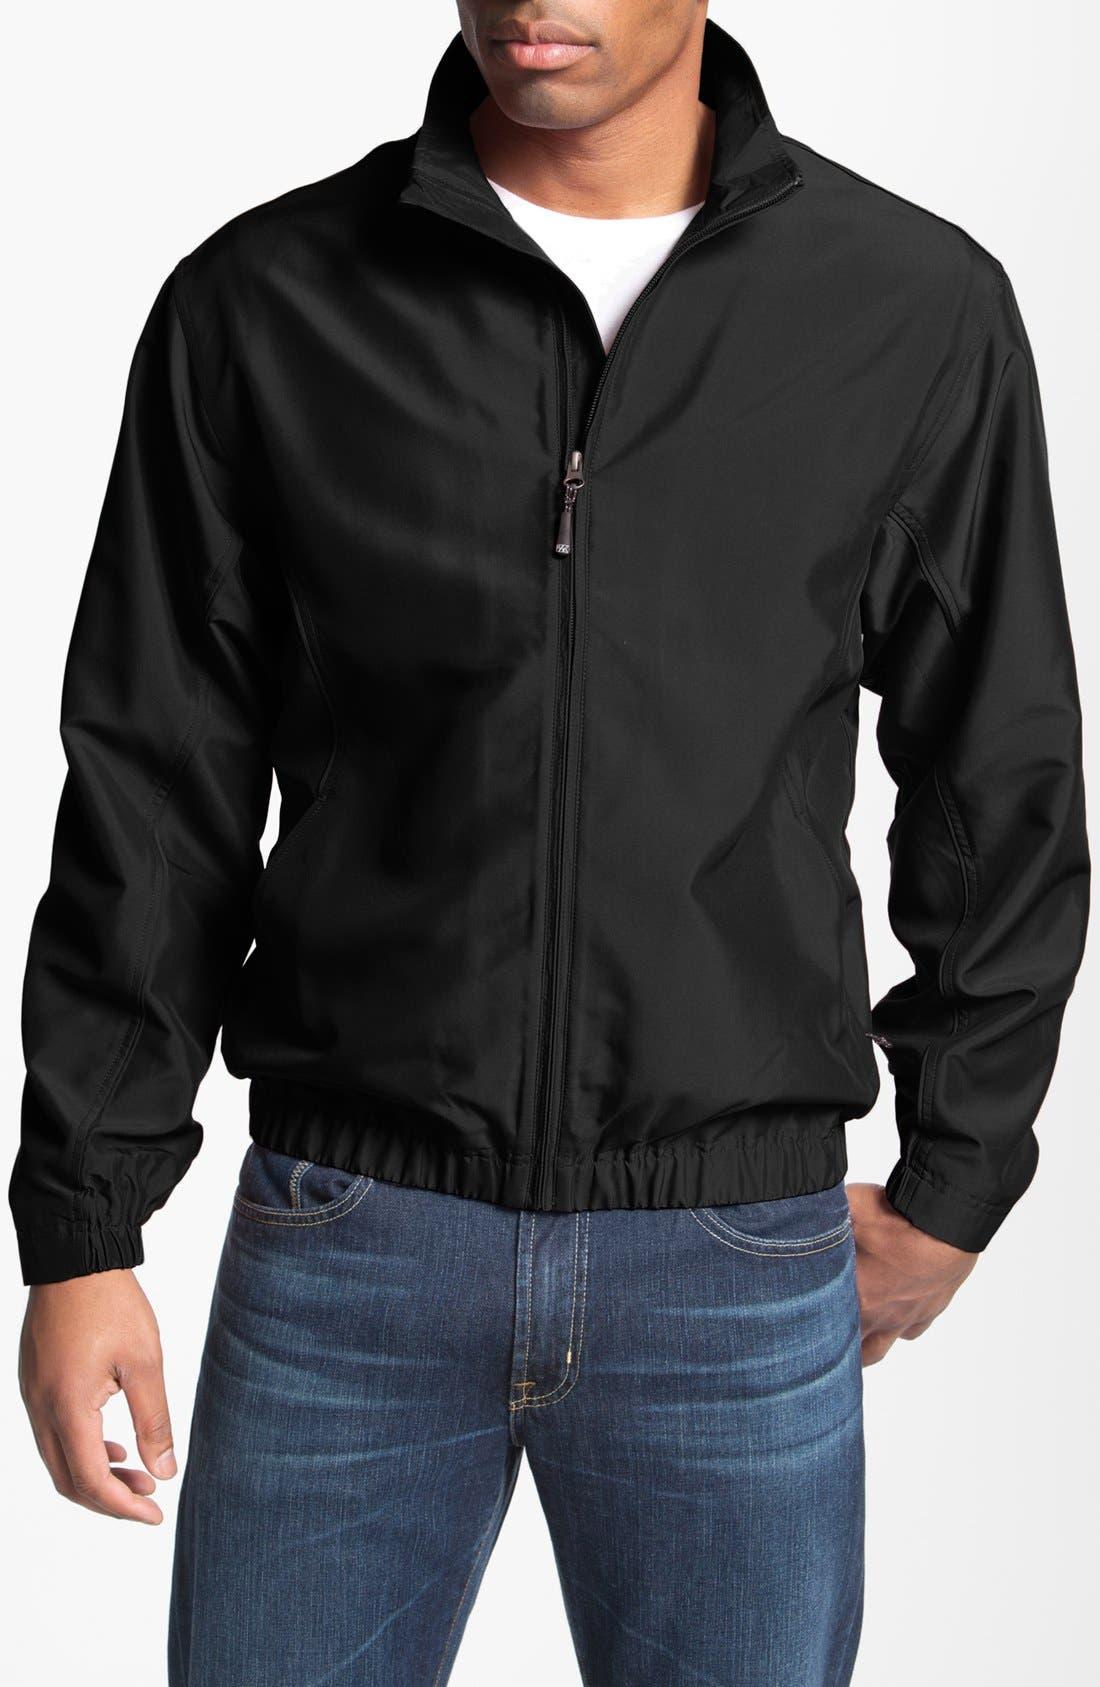 Main Image - Cutter & Buck 'Astute' Windbreaker Jacket (Online Only)